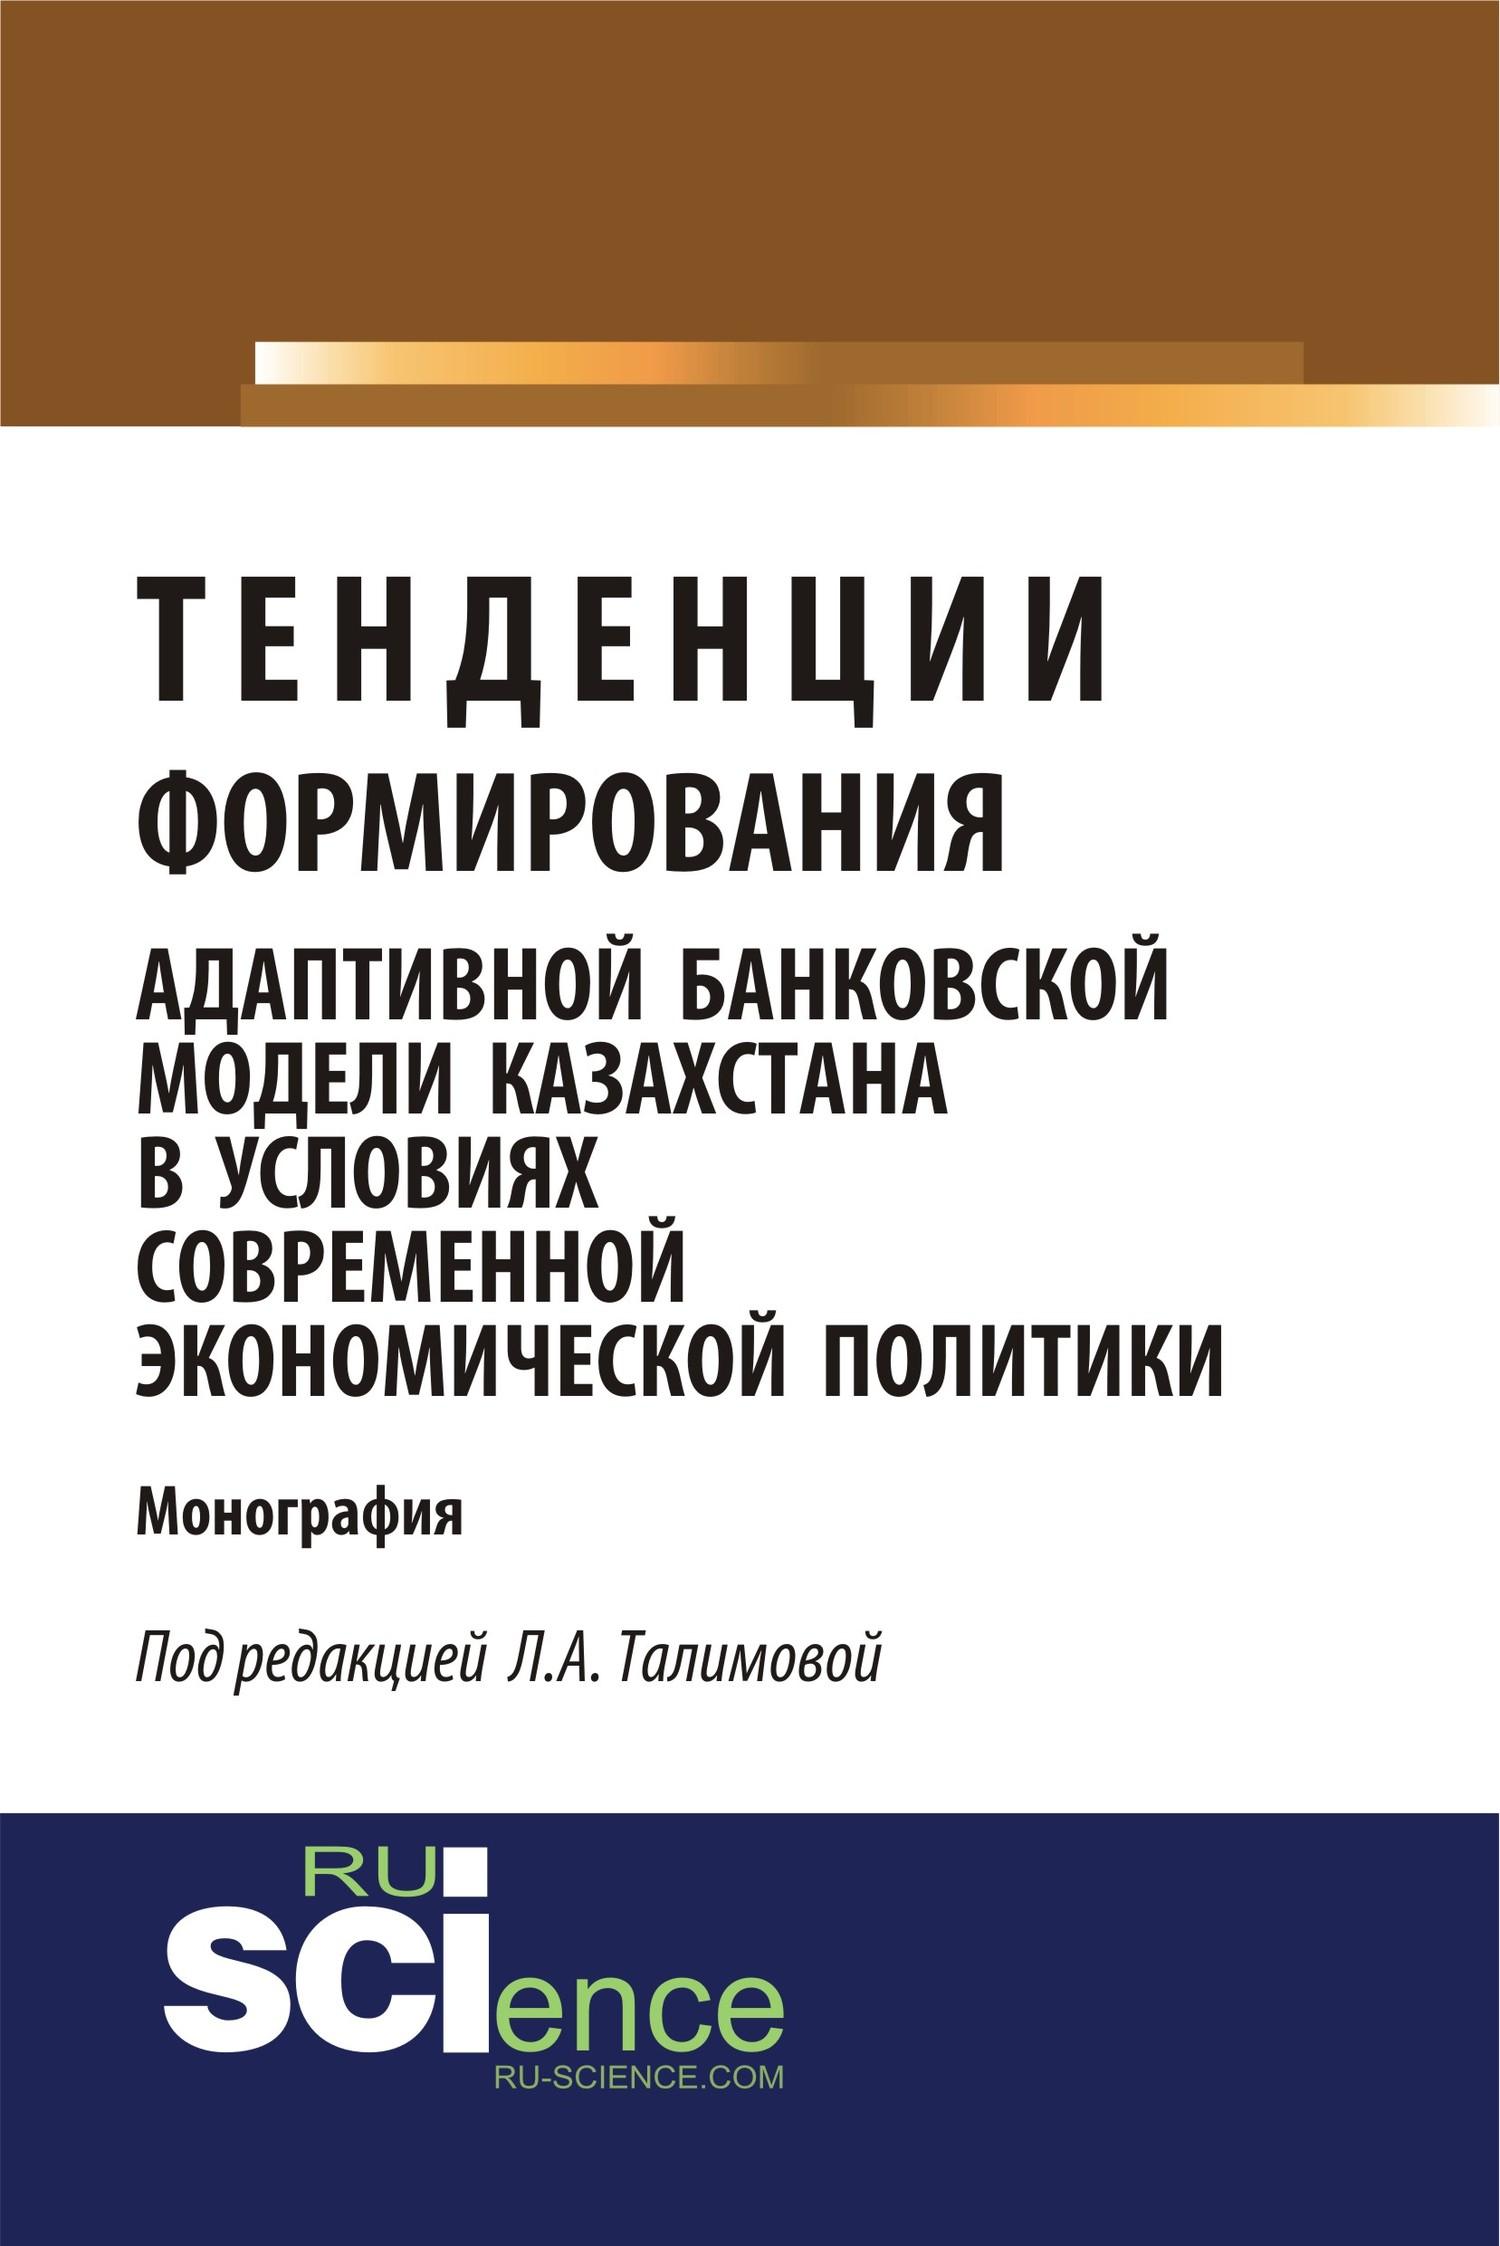 Коллектив авторов Тенденции формирования адаптивной банковской модели Казахстана в условиях современной экономической политики цена